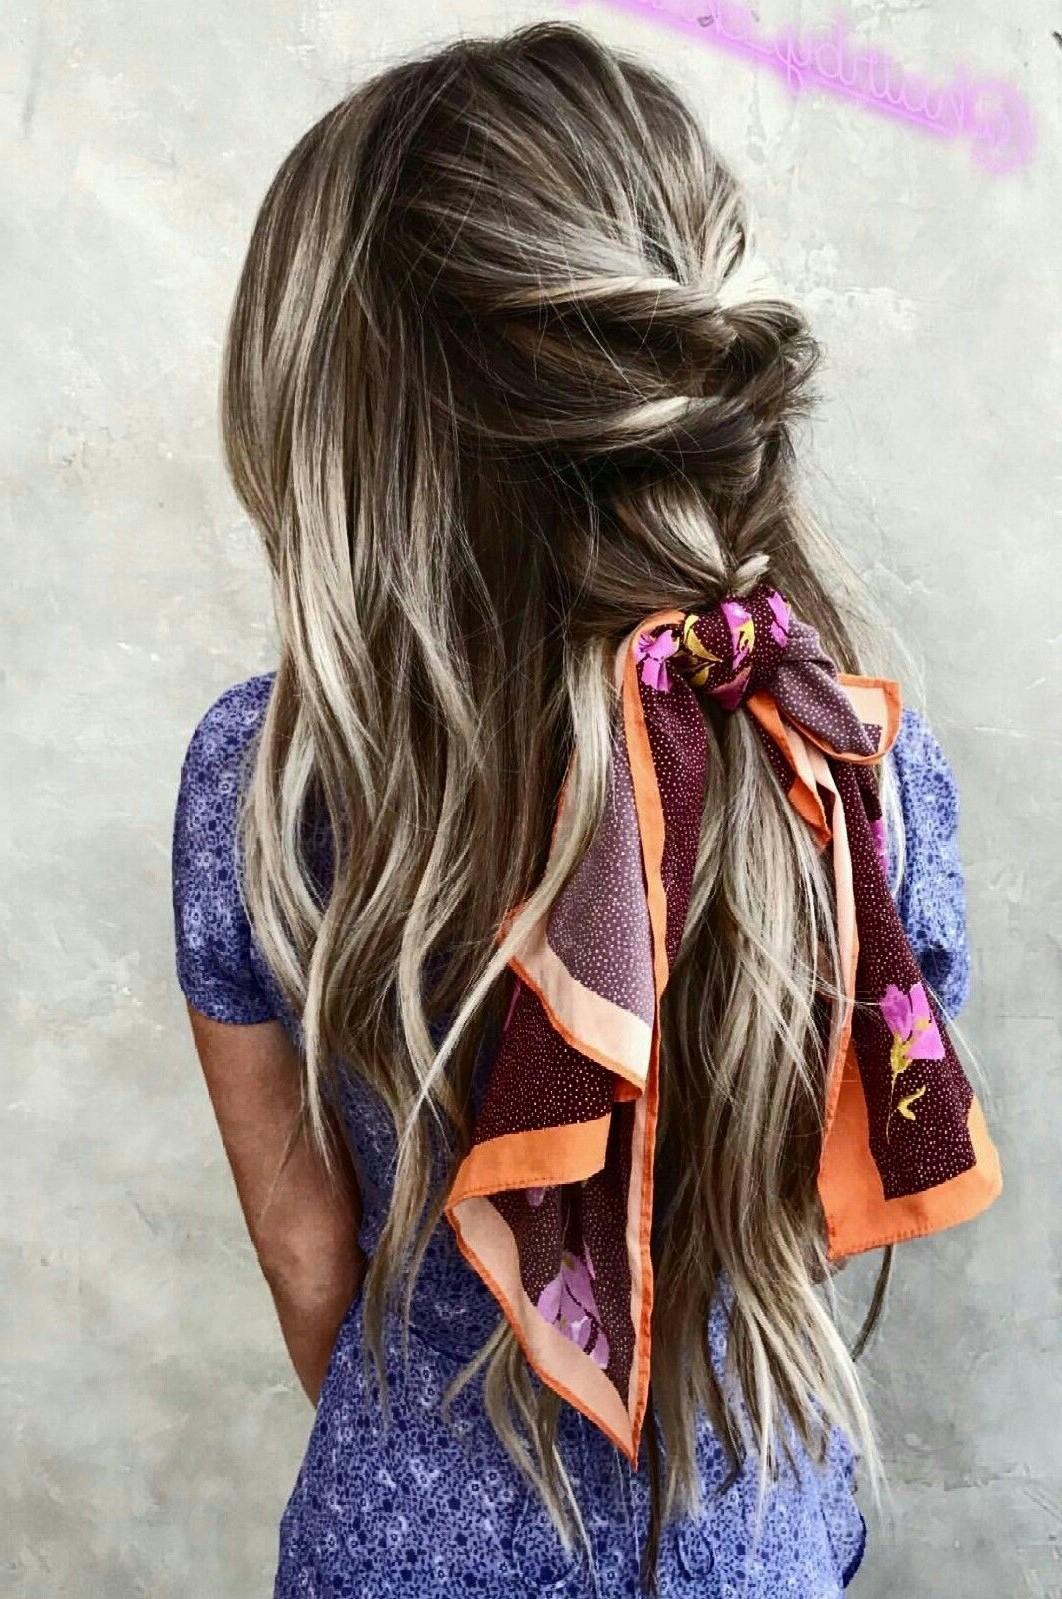 Ajoutez une écharpe élégante à votre coiffure d'été.